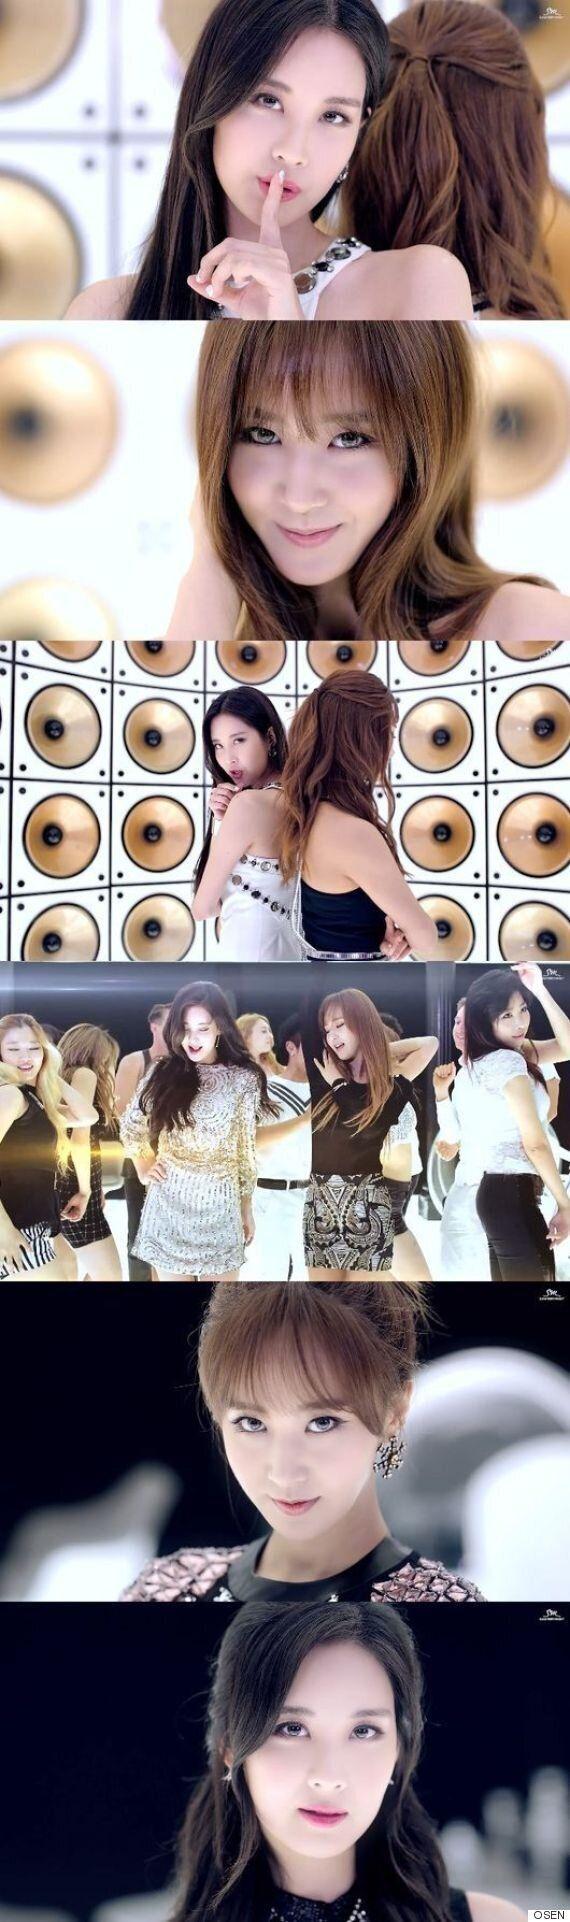 [한밤의 신곡] 유리X서현, EDM 입은 소녀들의